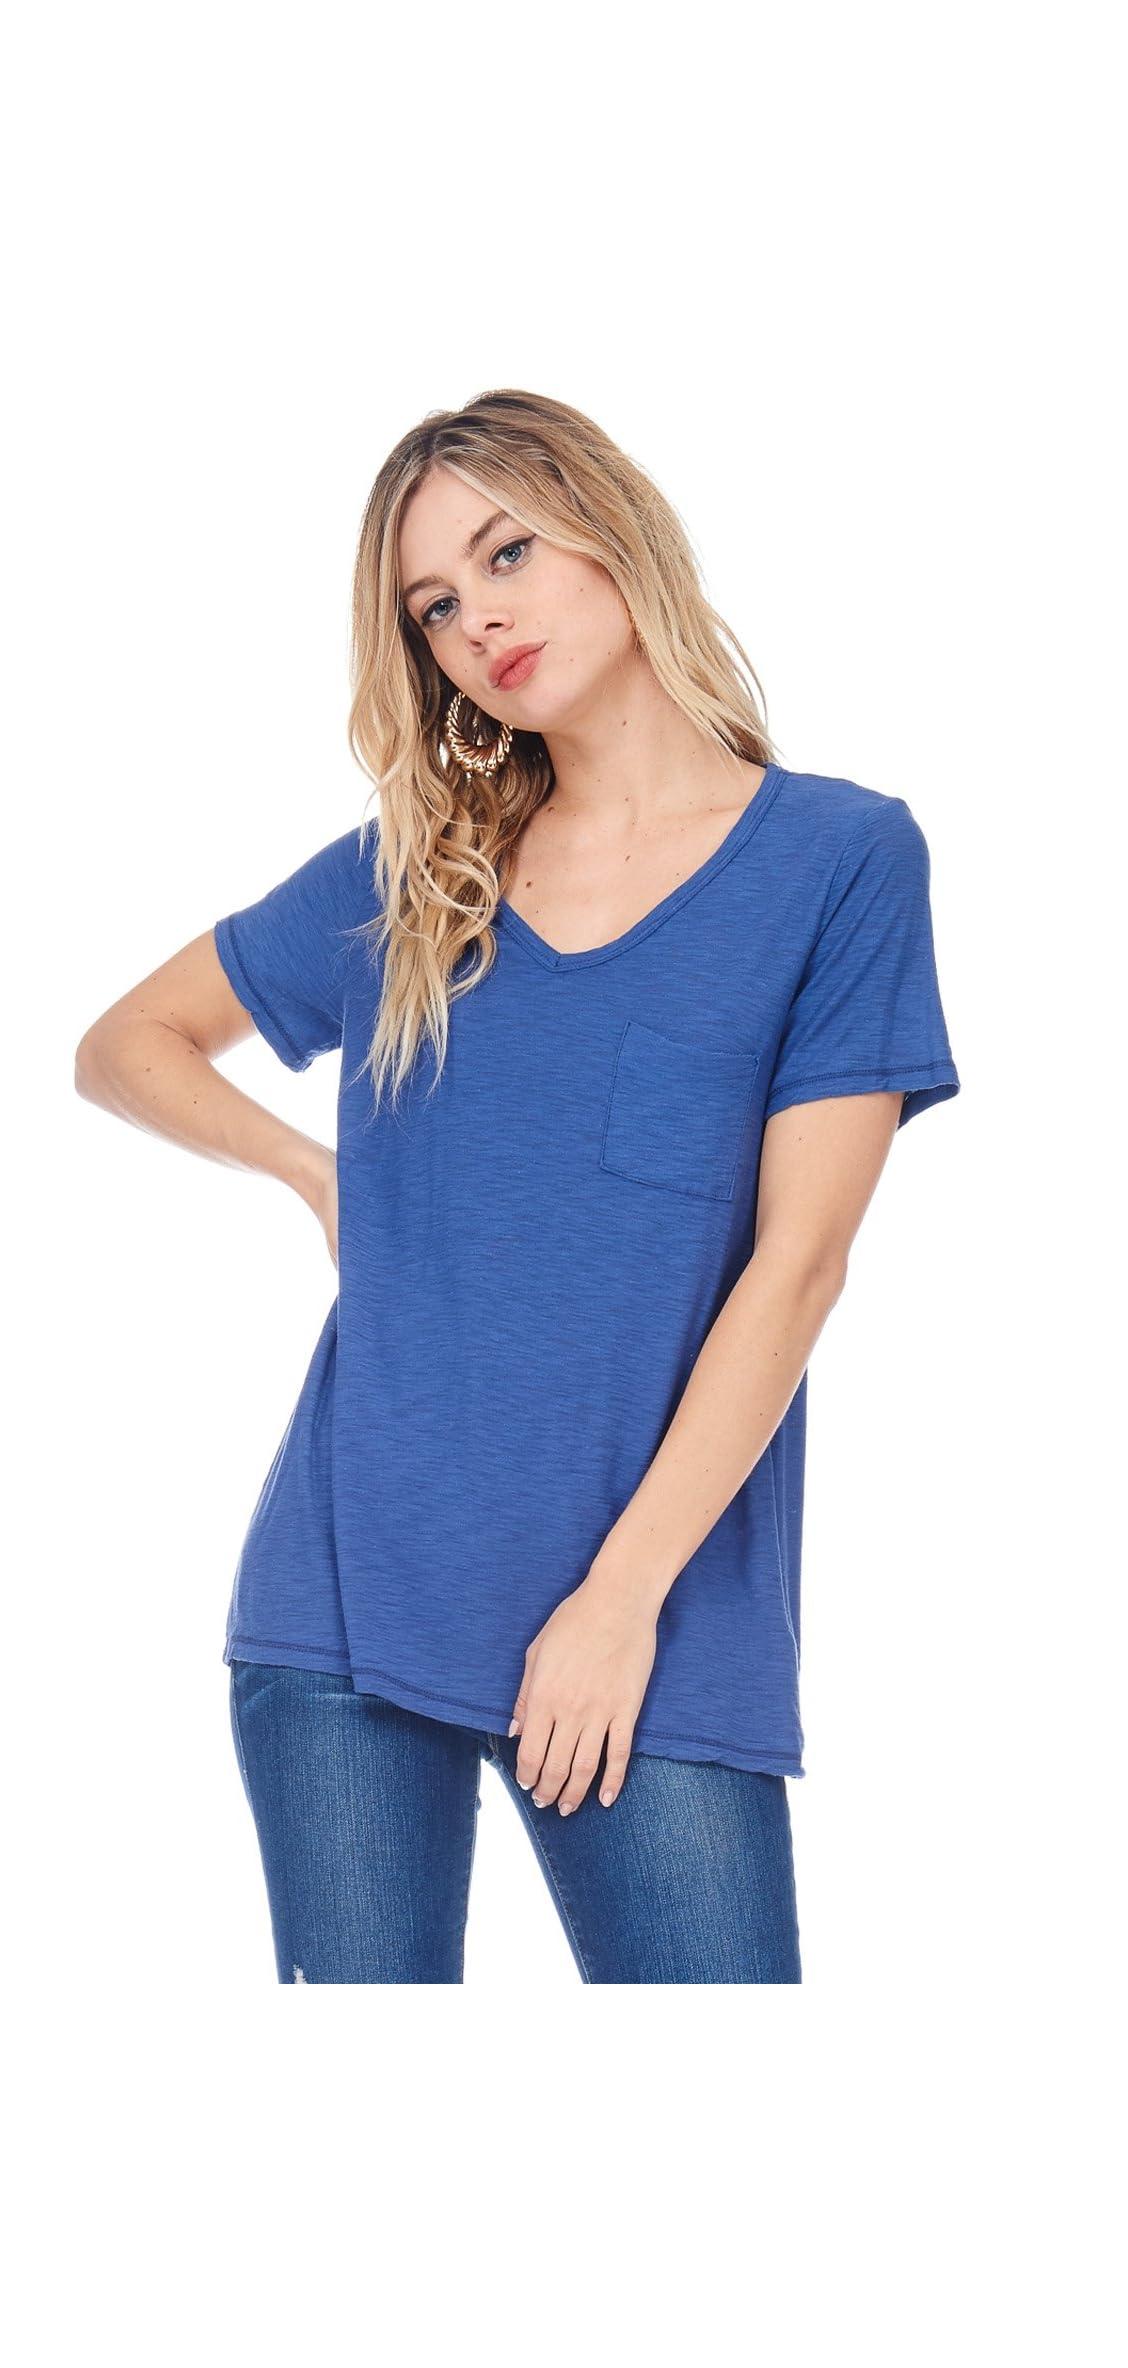 Ad Womens Casual Slub Burnout Sexy V-nk T-shirt Top W/pocket